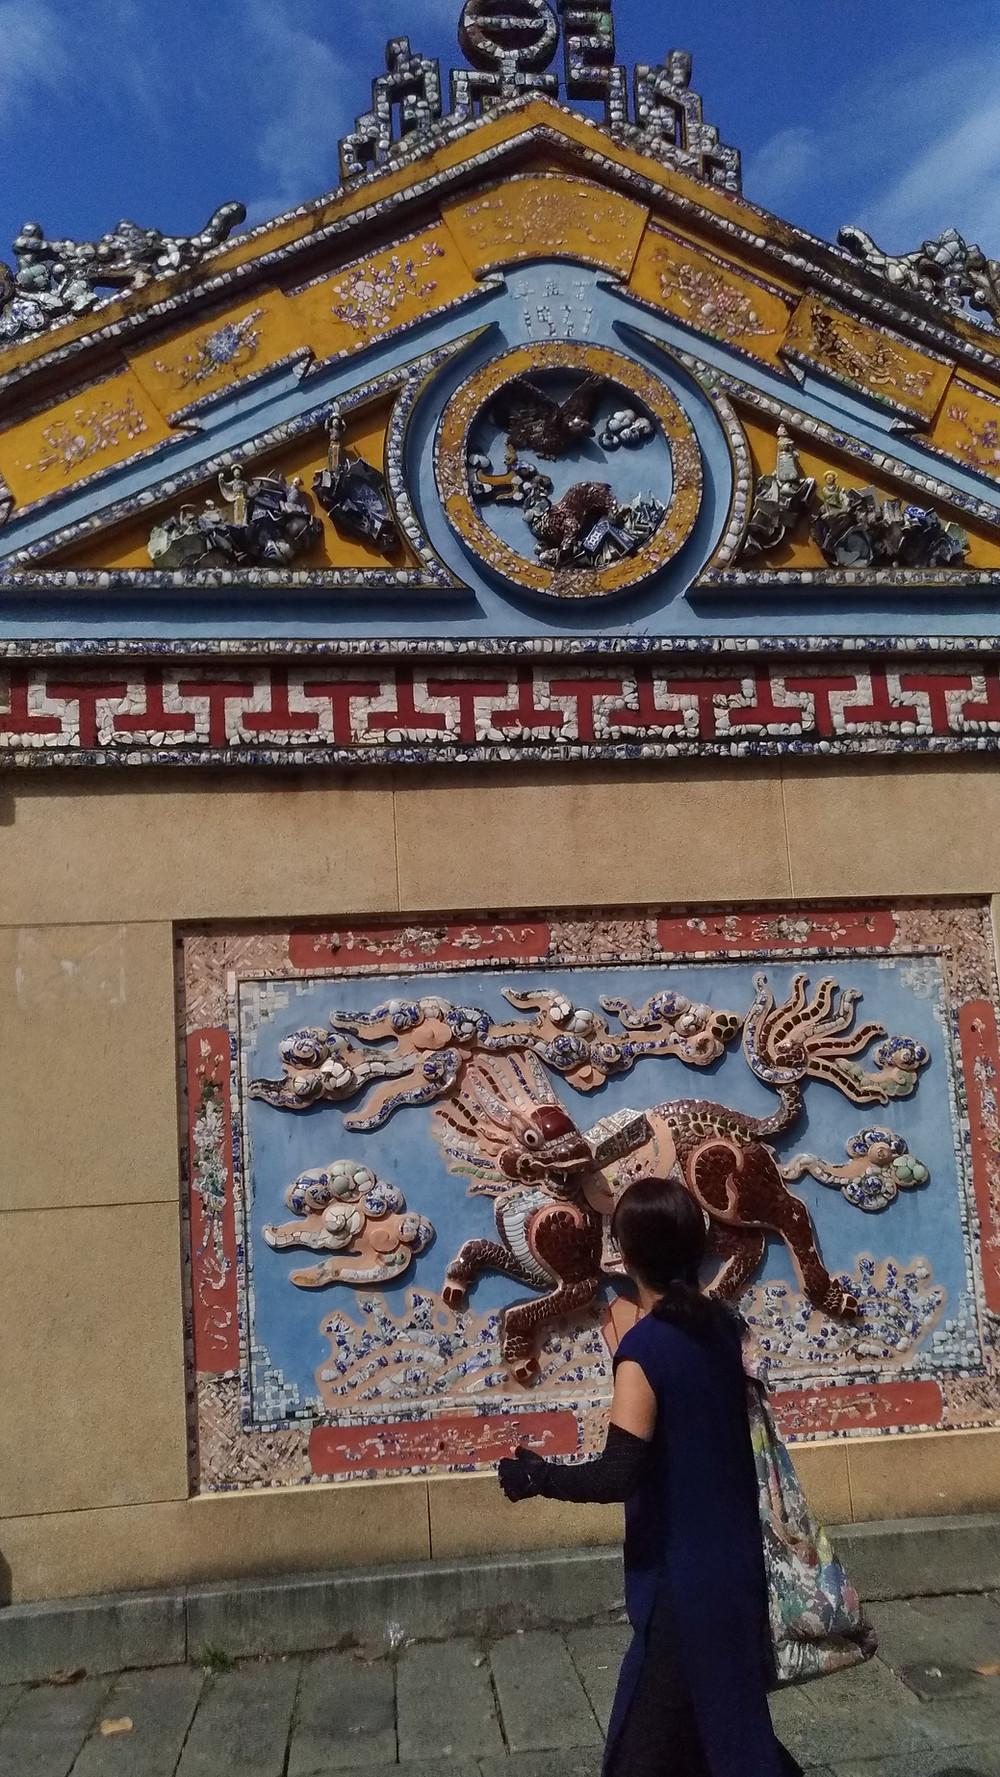 レ・ヴァン・ズェットが祀られた祈祷所はキレイなタイルで装飾されています